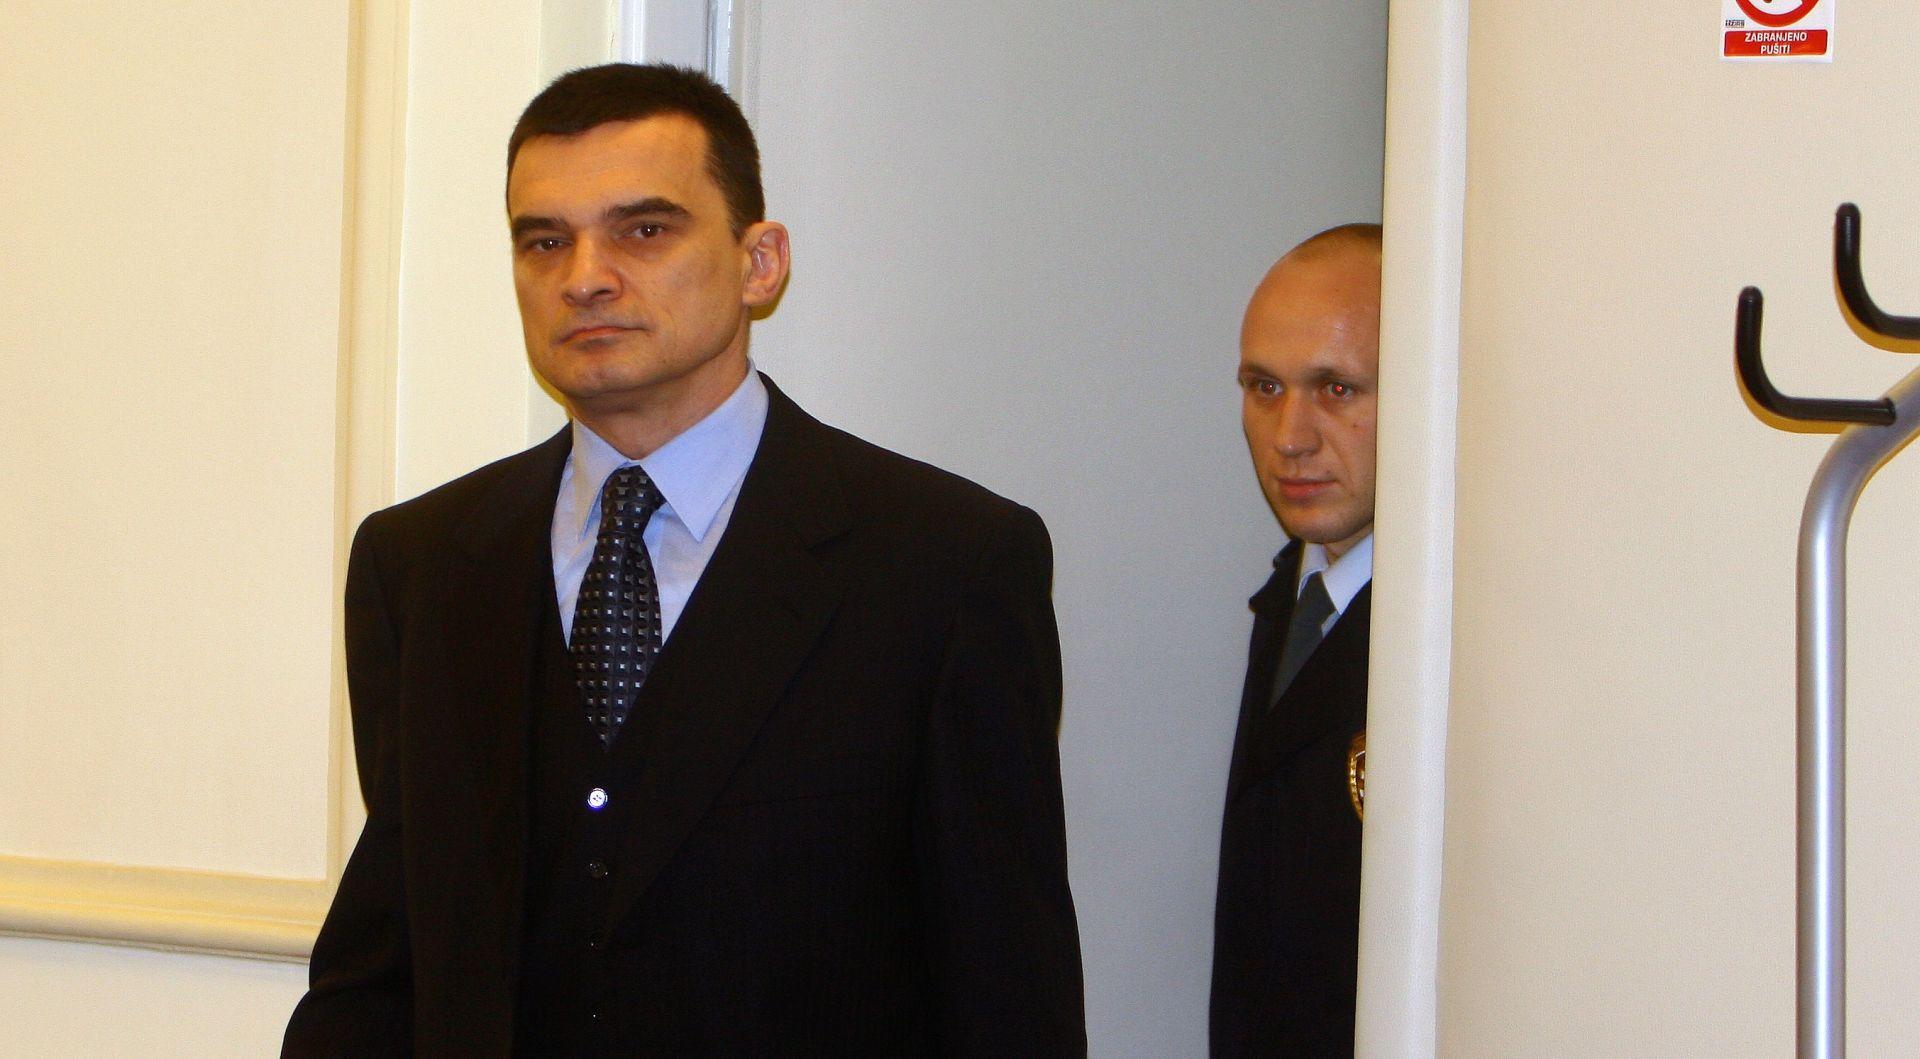 Država kupila luksuzni Zagorčev stan u centru Zagreba za 2,36 milijuna kuna